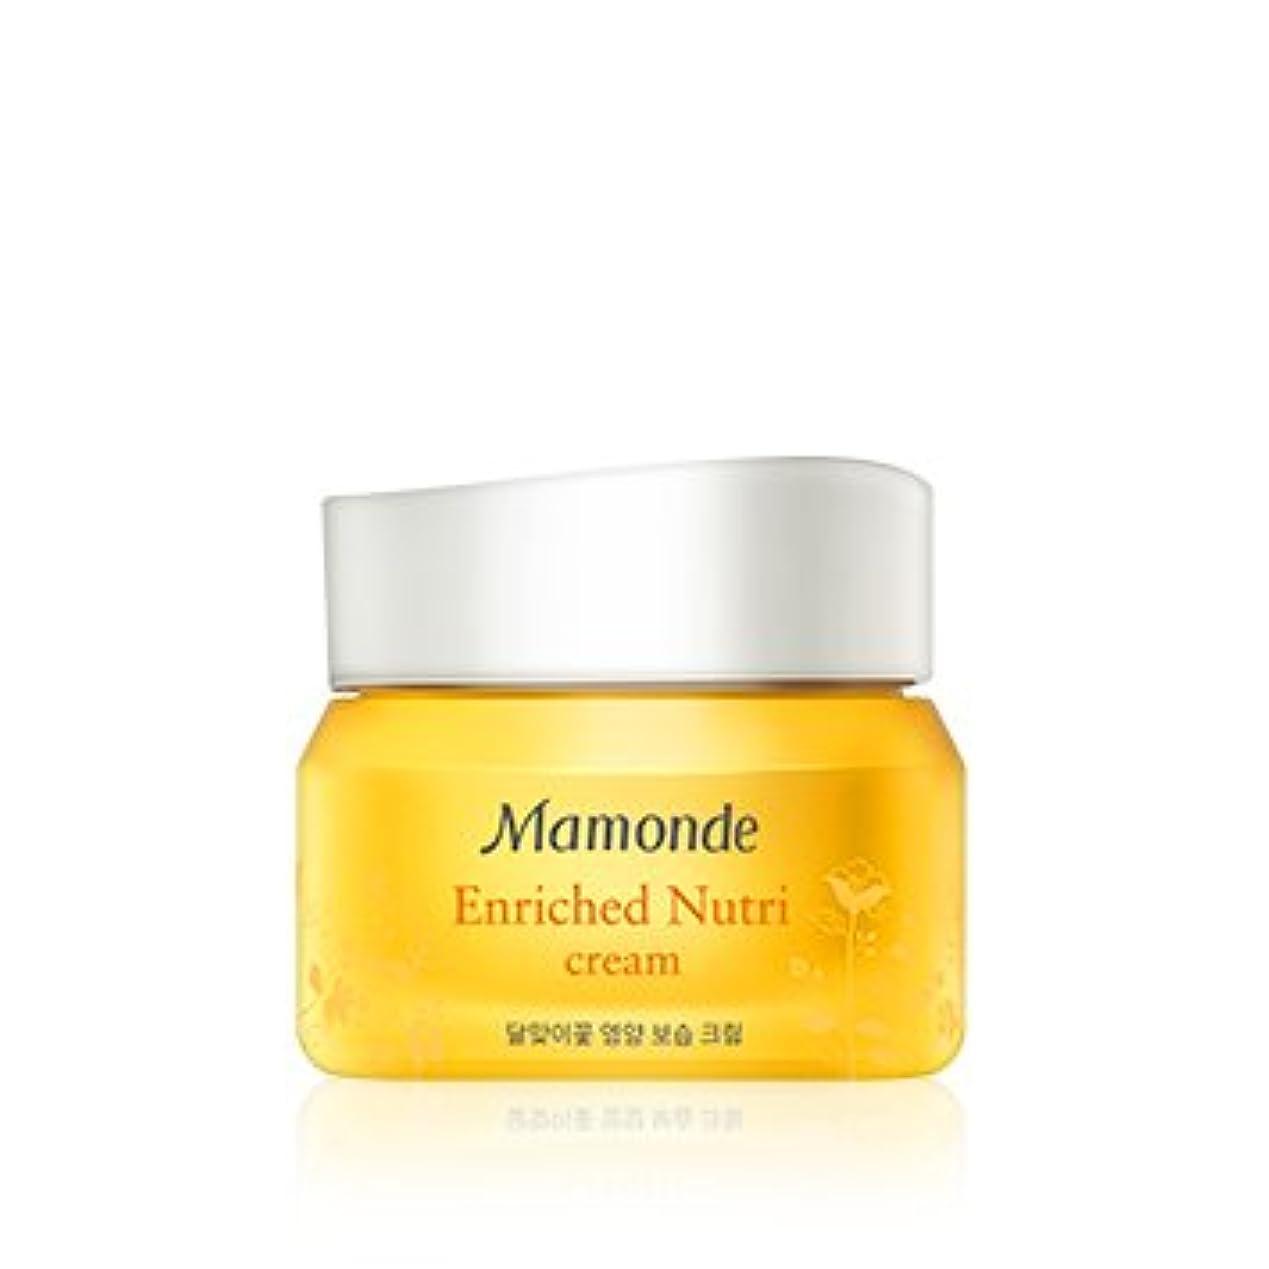 モッキンバード対スリンク[New] Mamonde Enriched Nutri Cream 50ml/マモンド エンリッチド ニュートリ クリーム 50ml [並行輸入品]